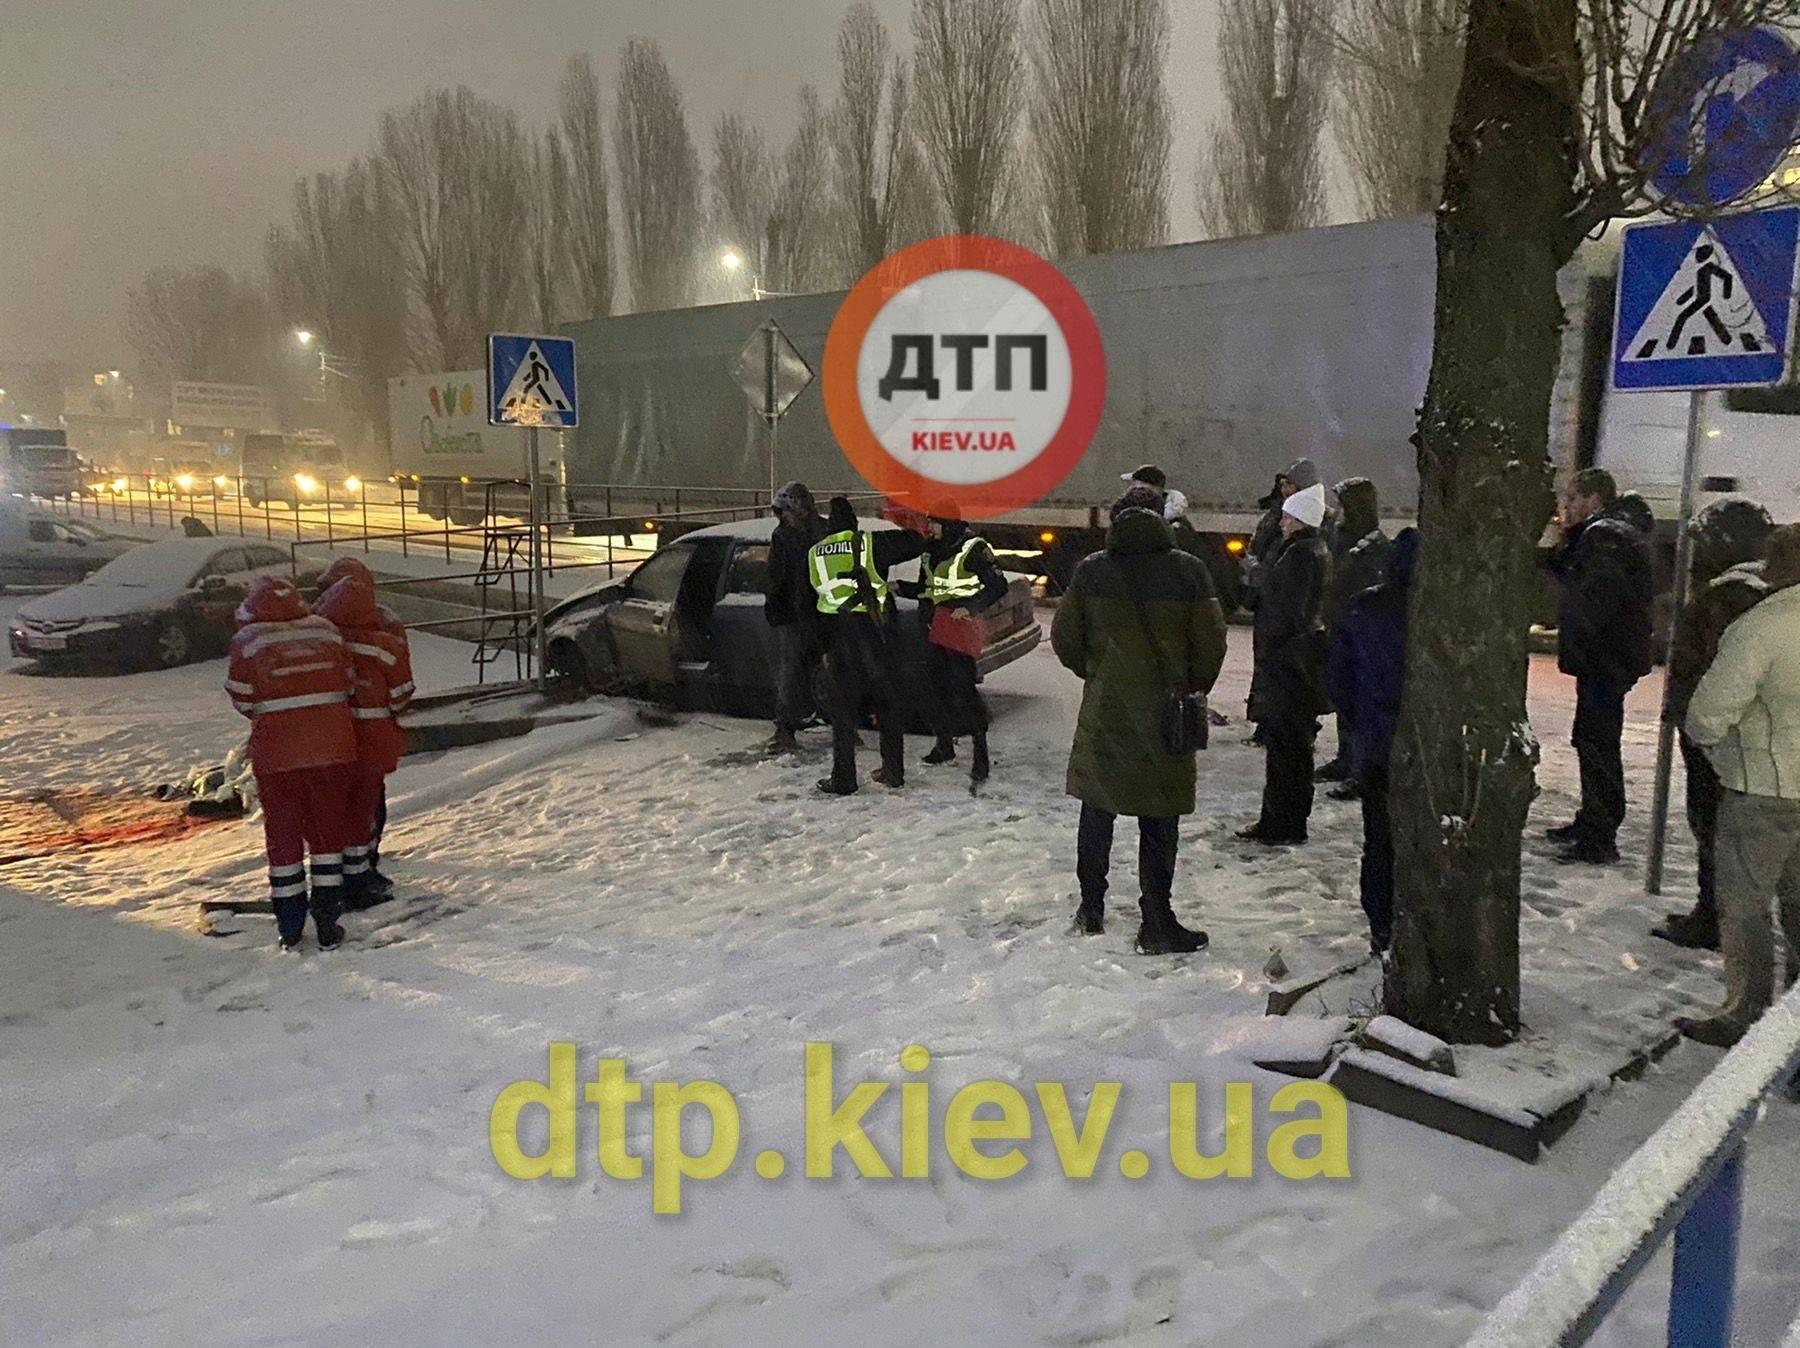 Оновлено: на Київщині водій насмерть збив жінку - Софіївська Борщагівка, смерть на дорозі, жінка - 139084254 1887587704740447 3497817684907262848 o